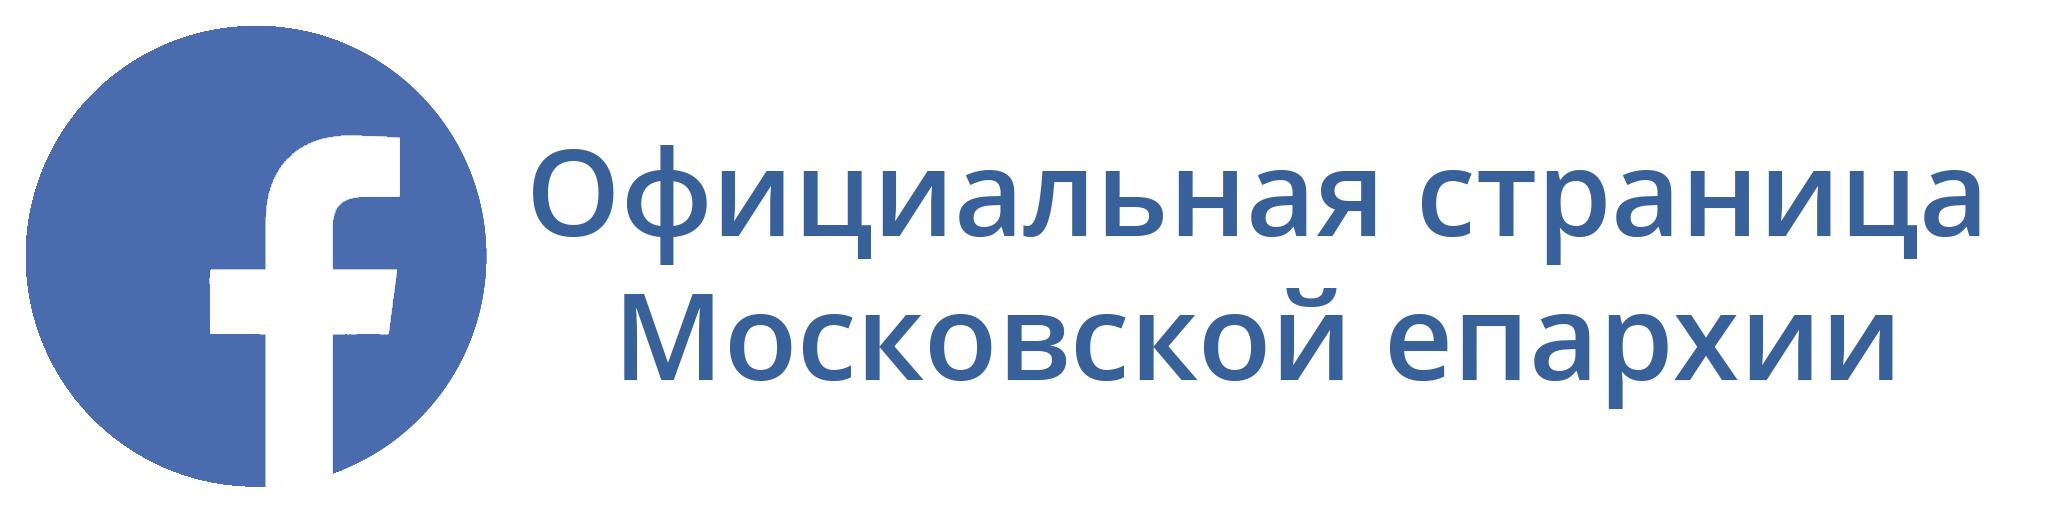 Официальная страница Московской епархии в Facebook